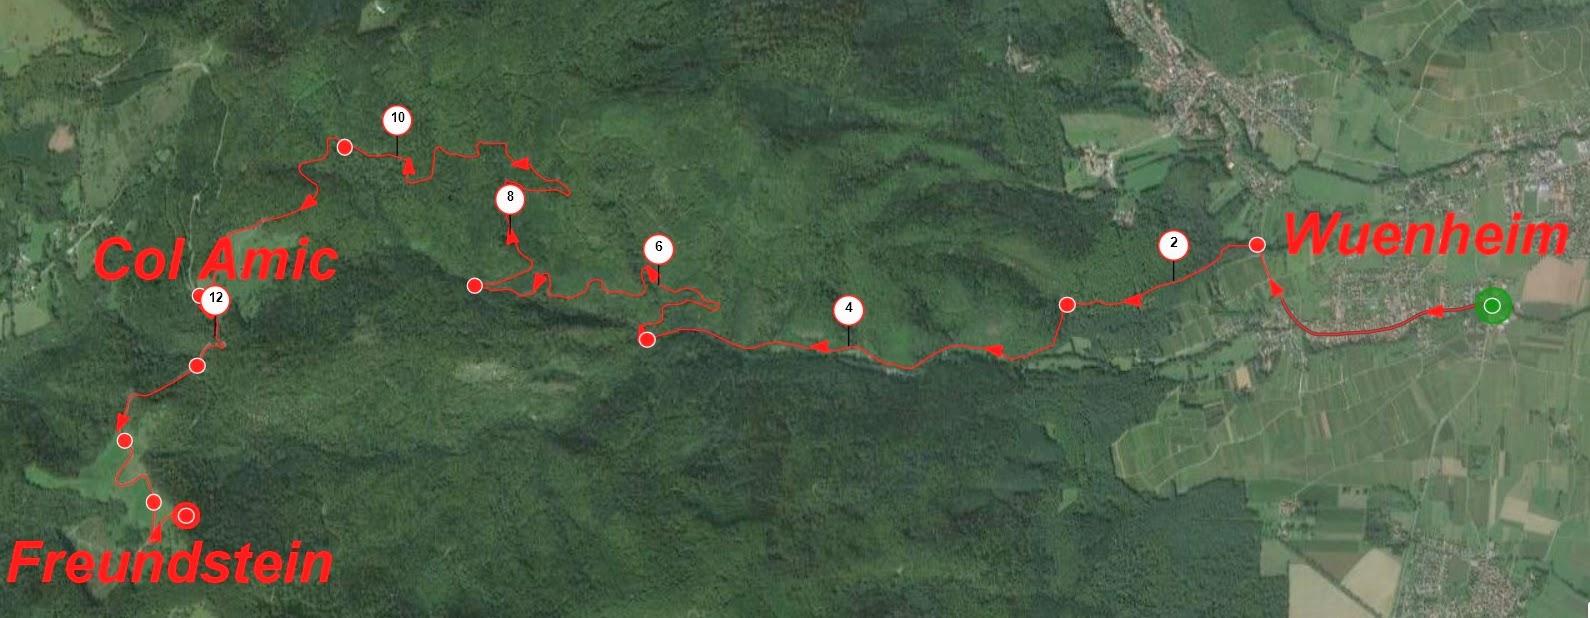 12 km pour rejoindre le Col Amic et encore 2 km pour monter au-dessus de Freundstein, pente moyenne 4.5%